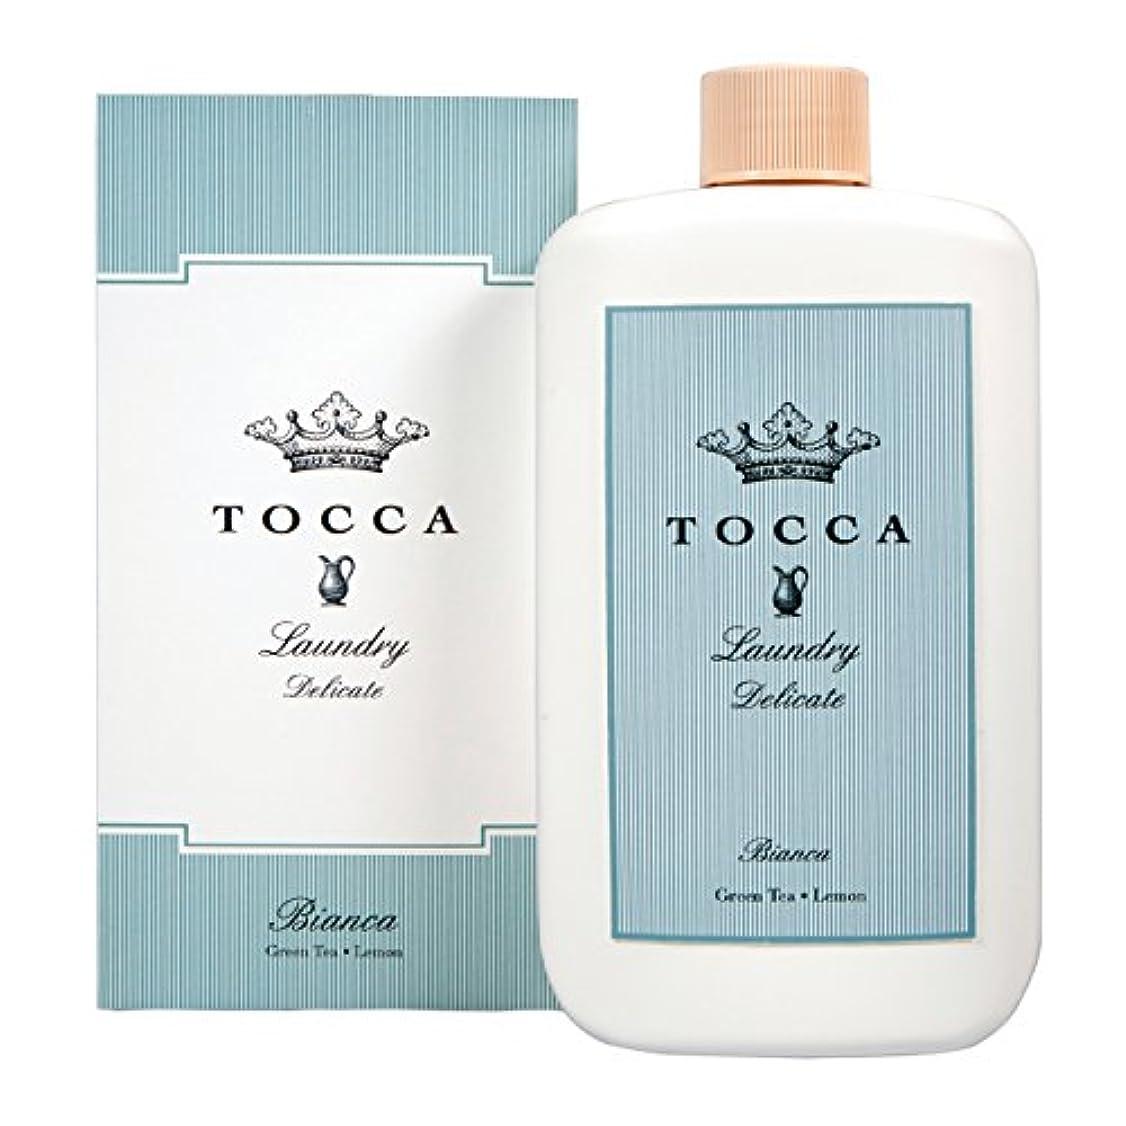 クレジット土曜日サミュエルトッカ(TOCCA) ランドリーデリケート ビアンカの香り 235ml (デリケート素材用洗剤 洗濯用合成洗剤 シトラスとグリーンティー、ローズが絶妙に溶け合ったほのかに甘さ漂うフレッシュな香り)